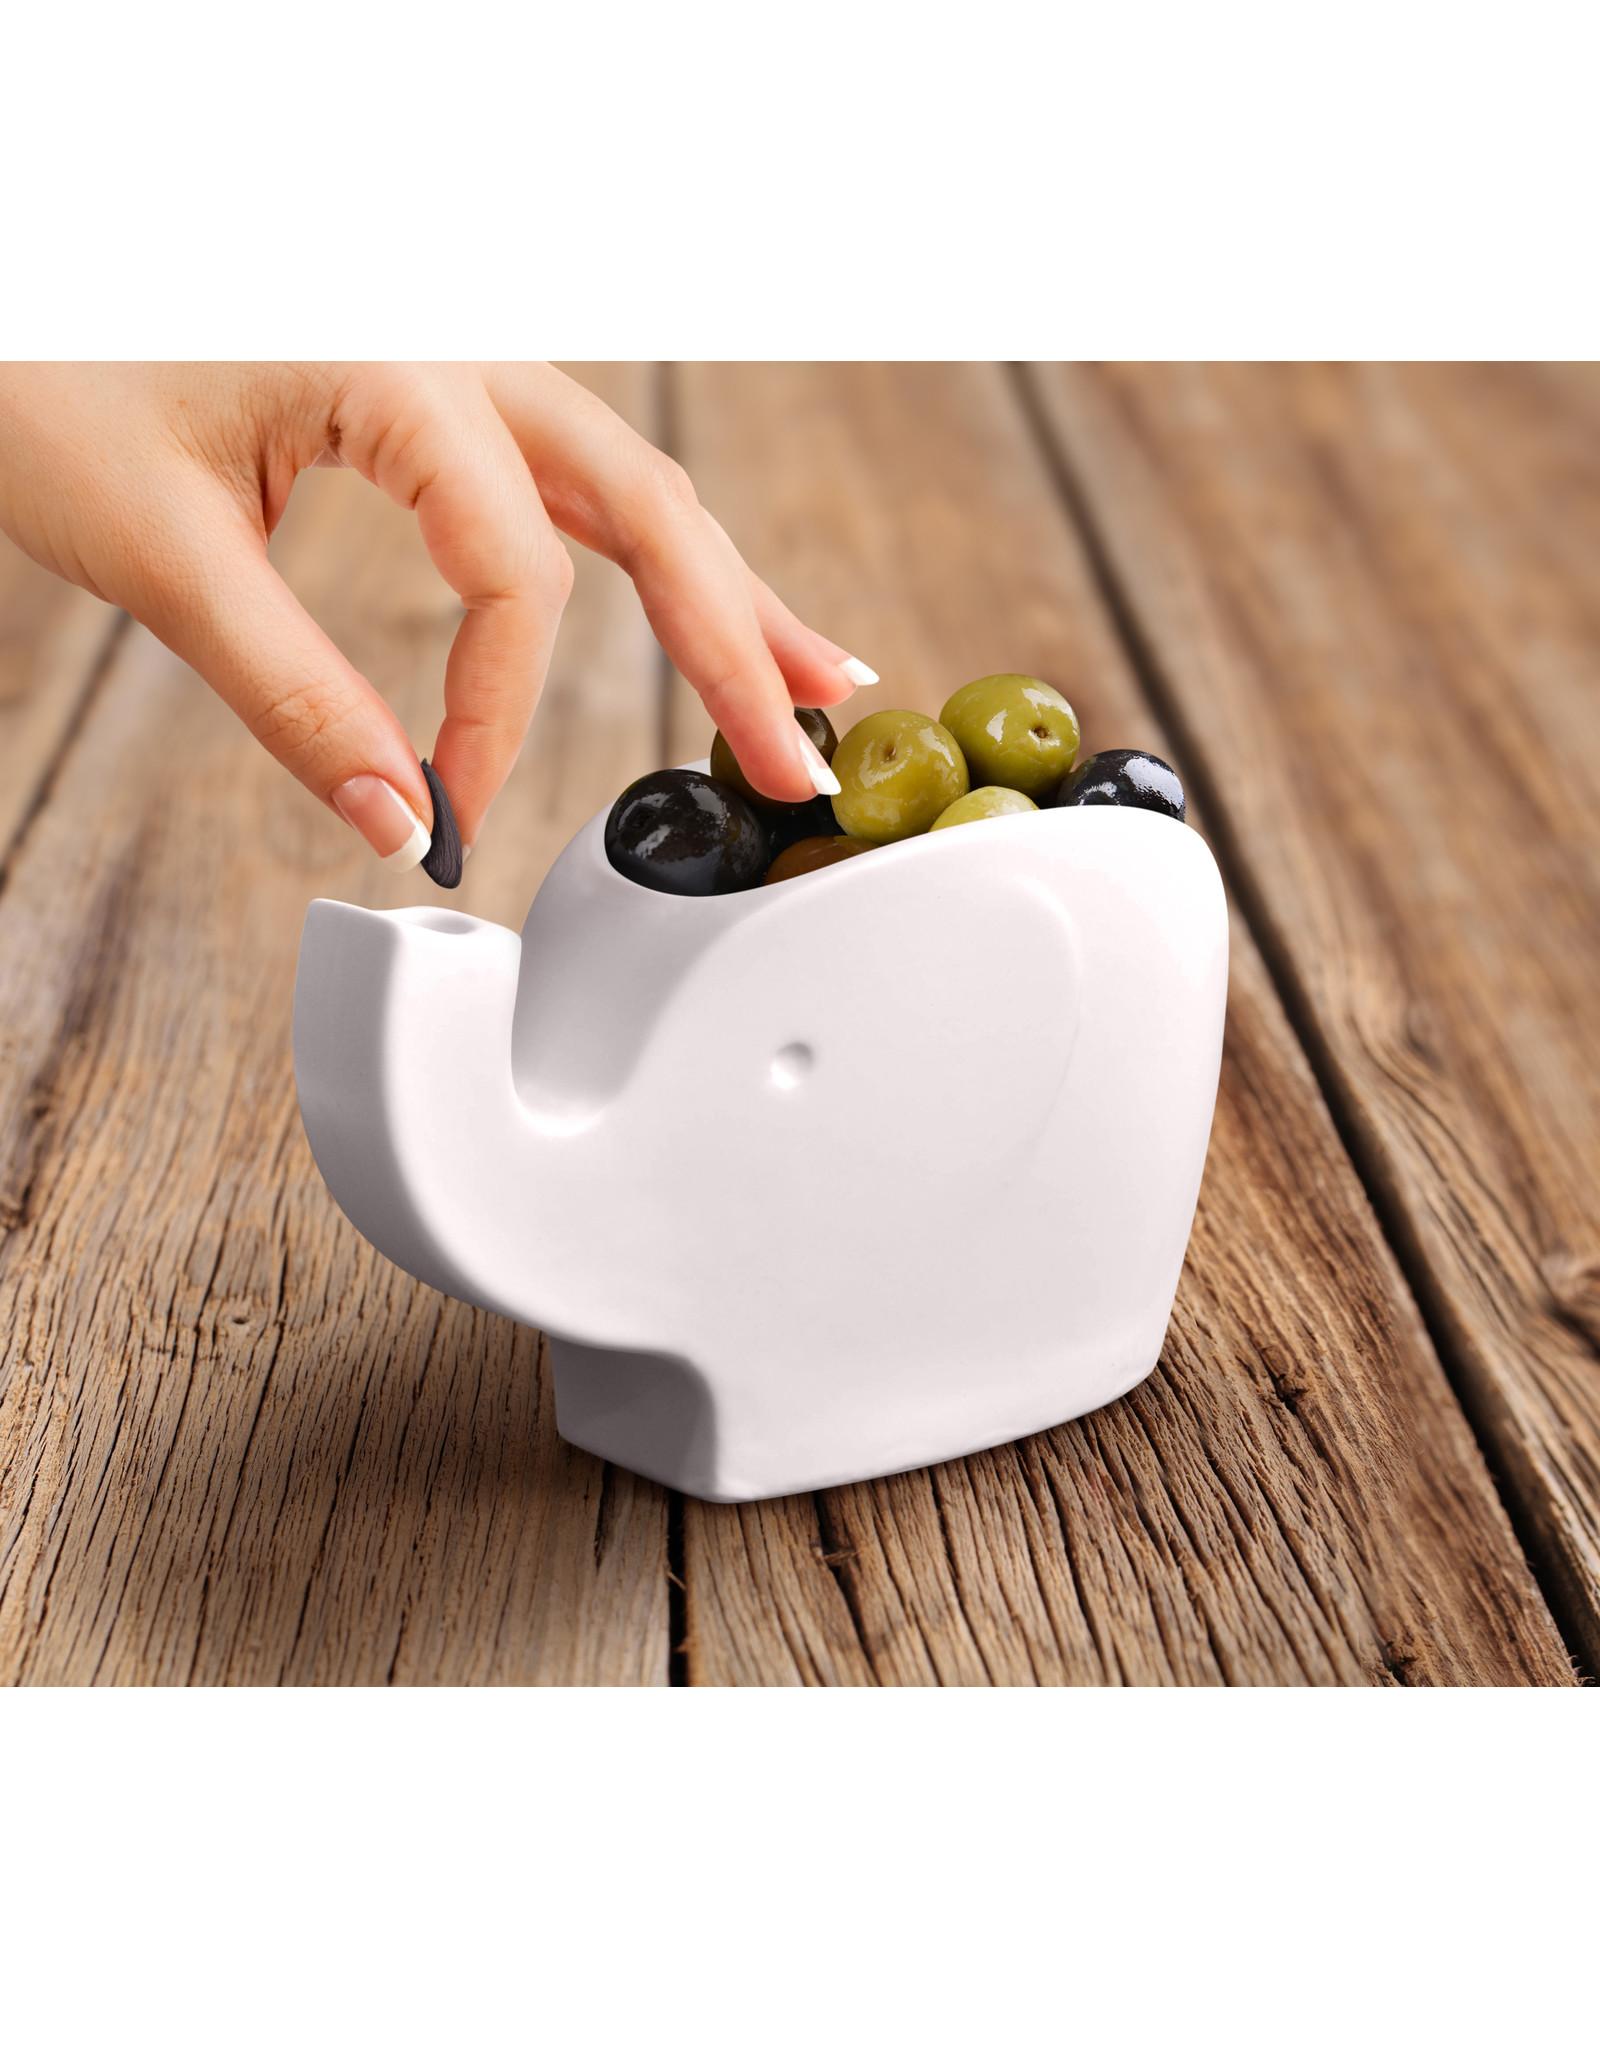 Fred & Friends Fred Oliver Tidbit Bowl - Olive & Nut Bowl